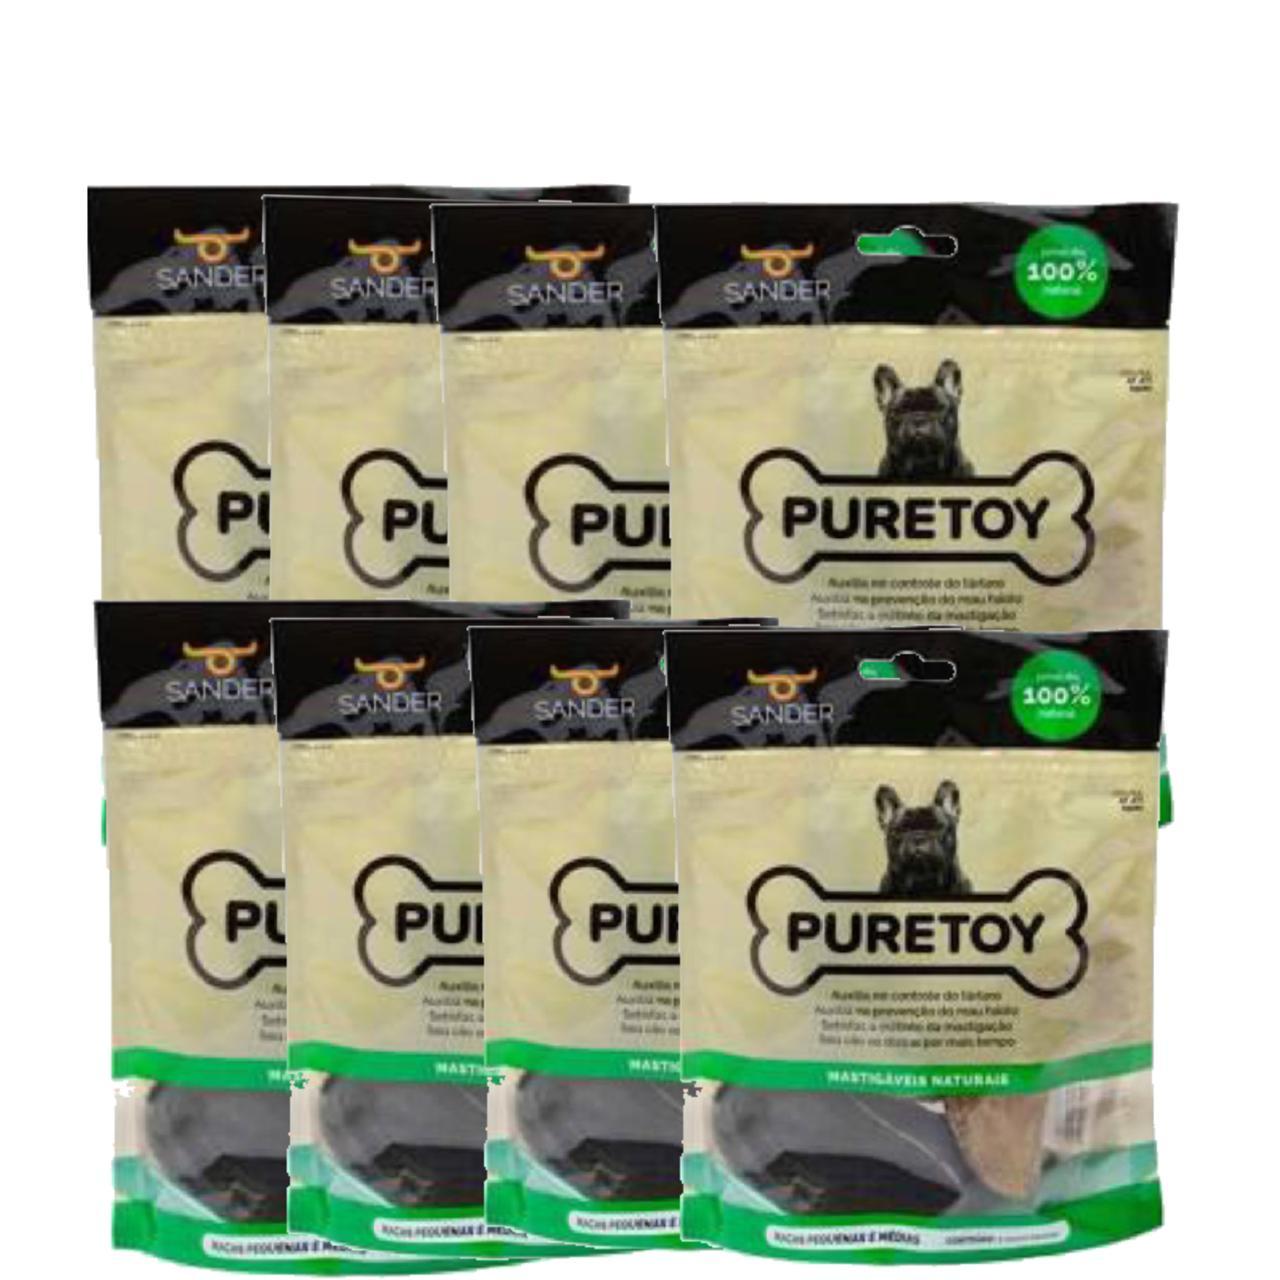 Kit com 8 pacotes (24 unidades) de cascos bovinos Puretoy para cães para roer